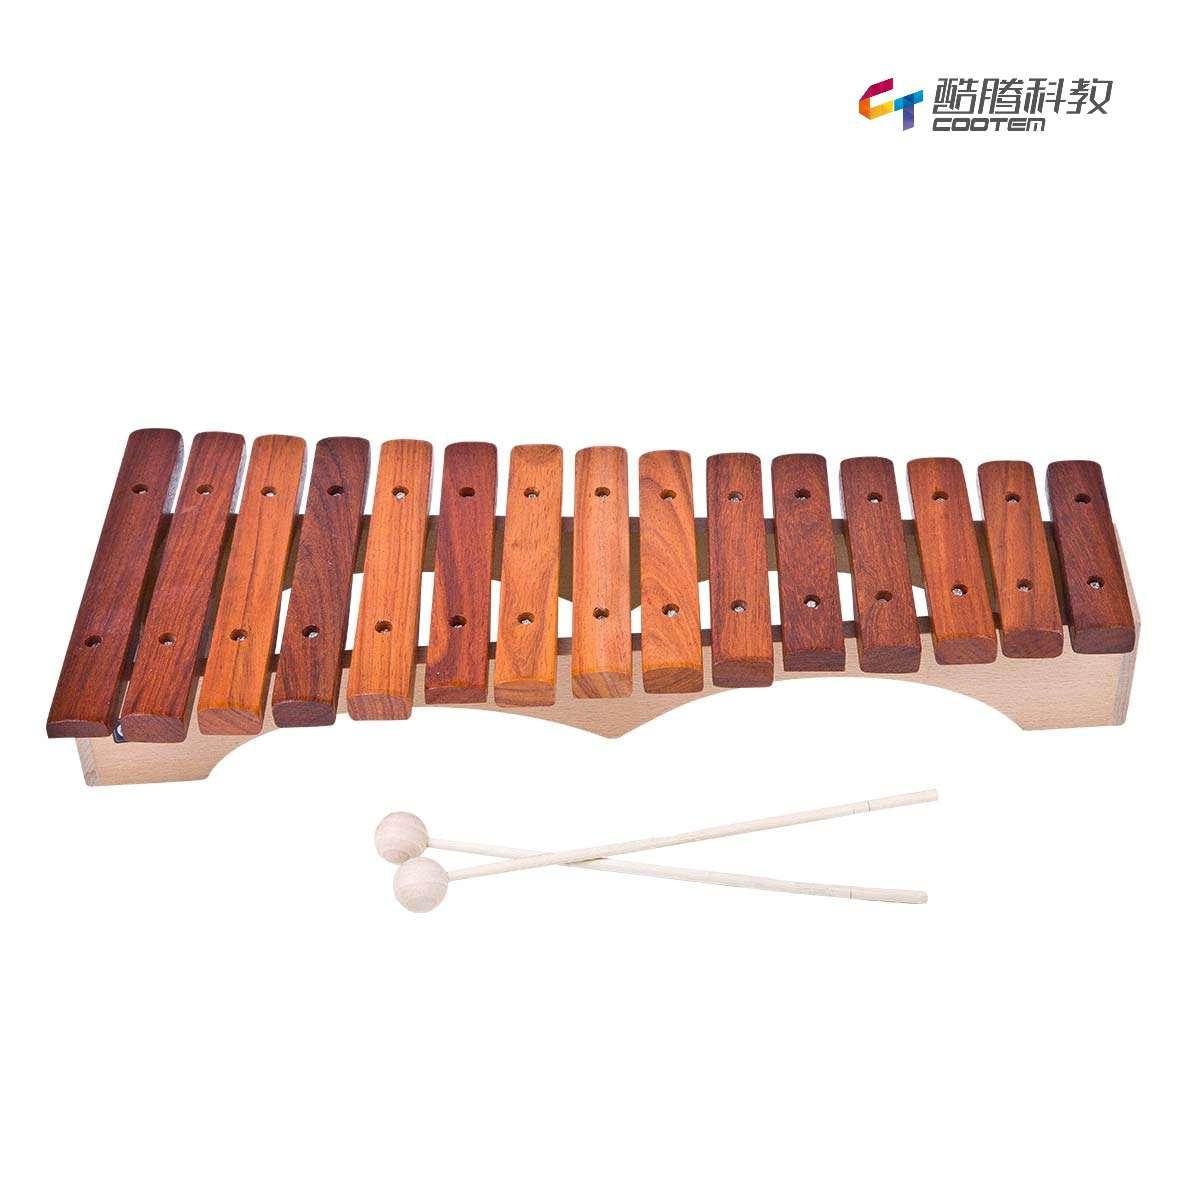 15音键桥形打琴